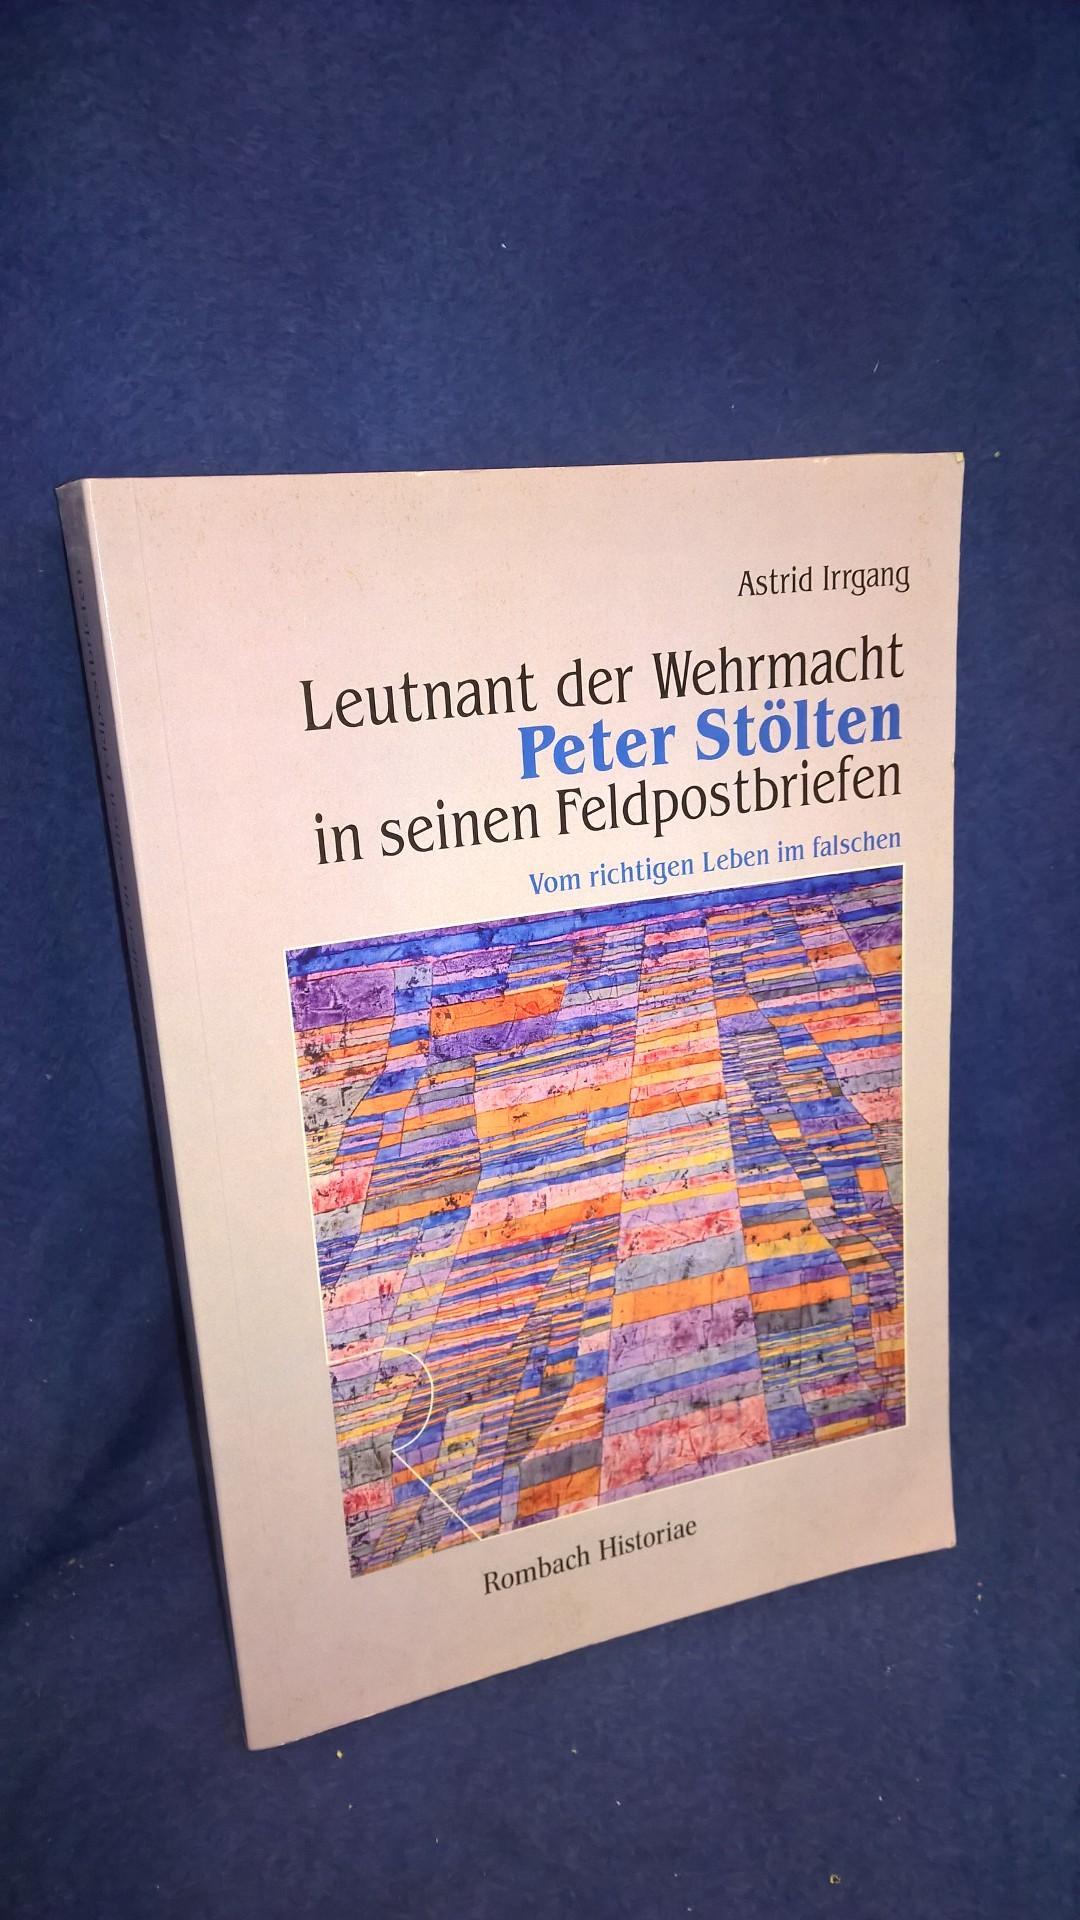 Leutnant der Wehrmacht Peter Stölten in seinen Feldpostbriefen. Vom richtigen Leben im falschen.